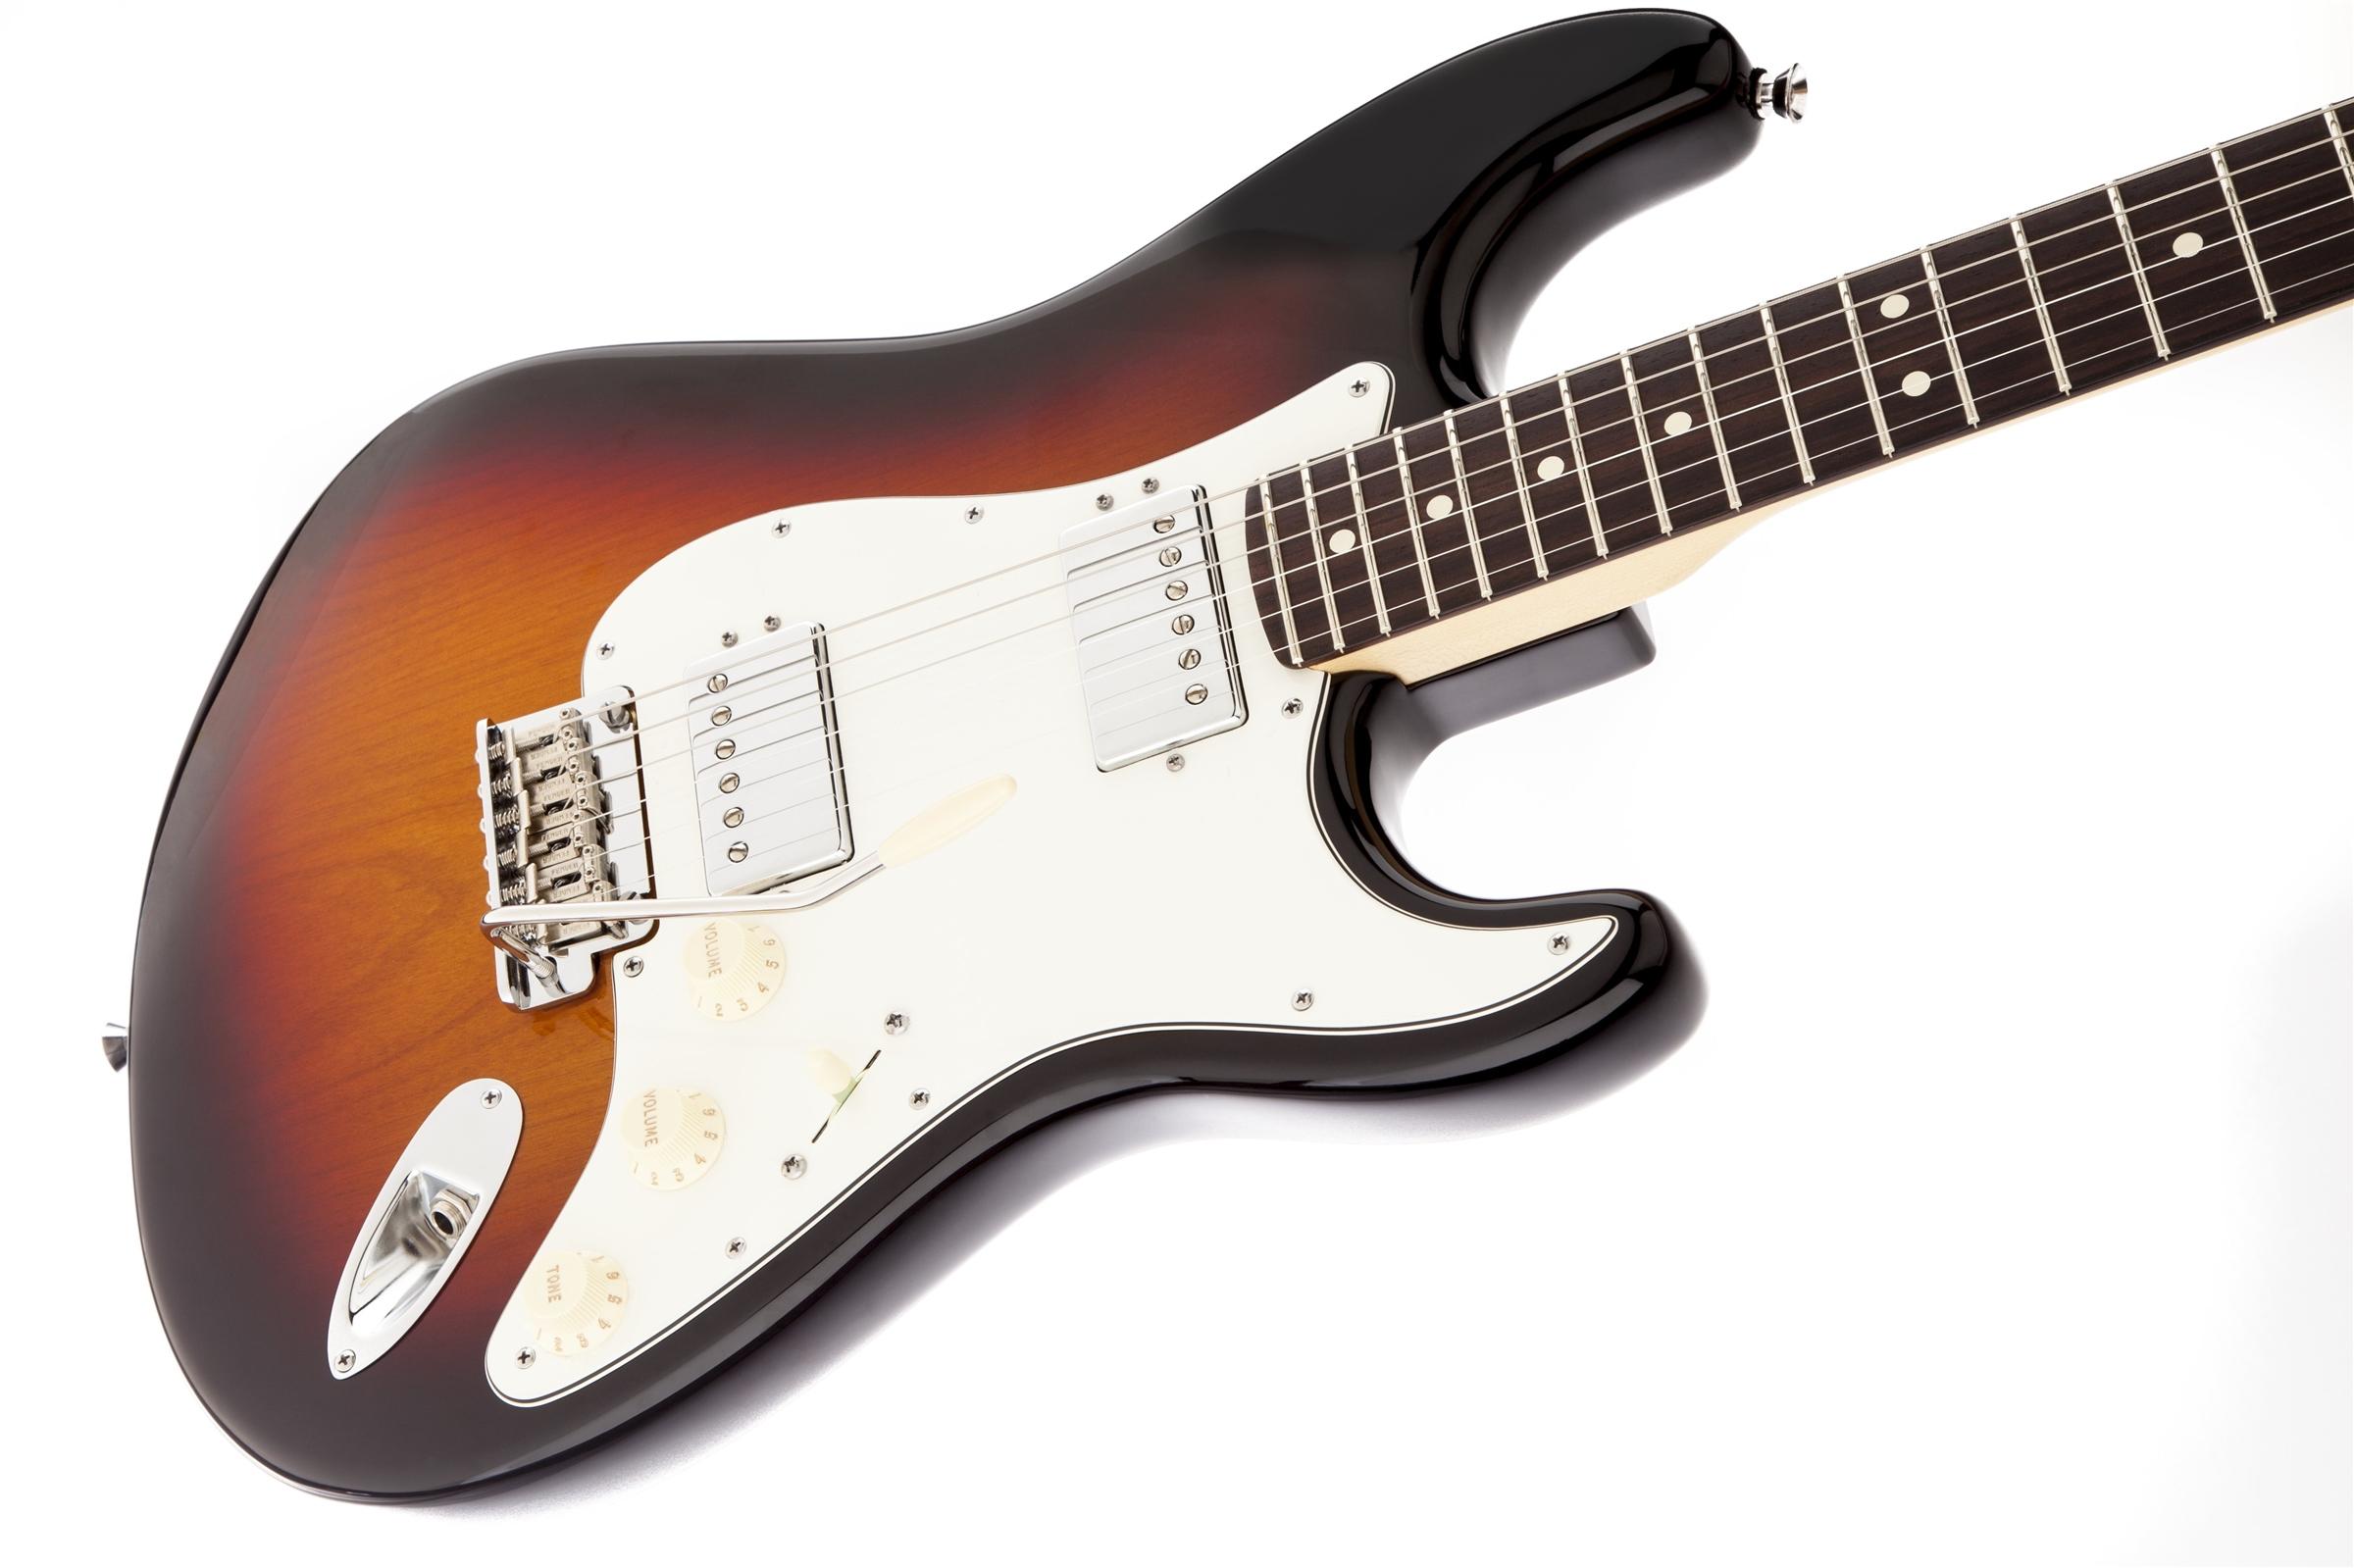 fender american standard stratocaster hh 3 color sunburst rosewood fingerboard electric guitar. Black Bedroom Furniture Sets. Home Design Ideas